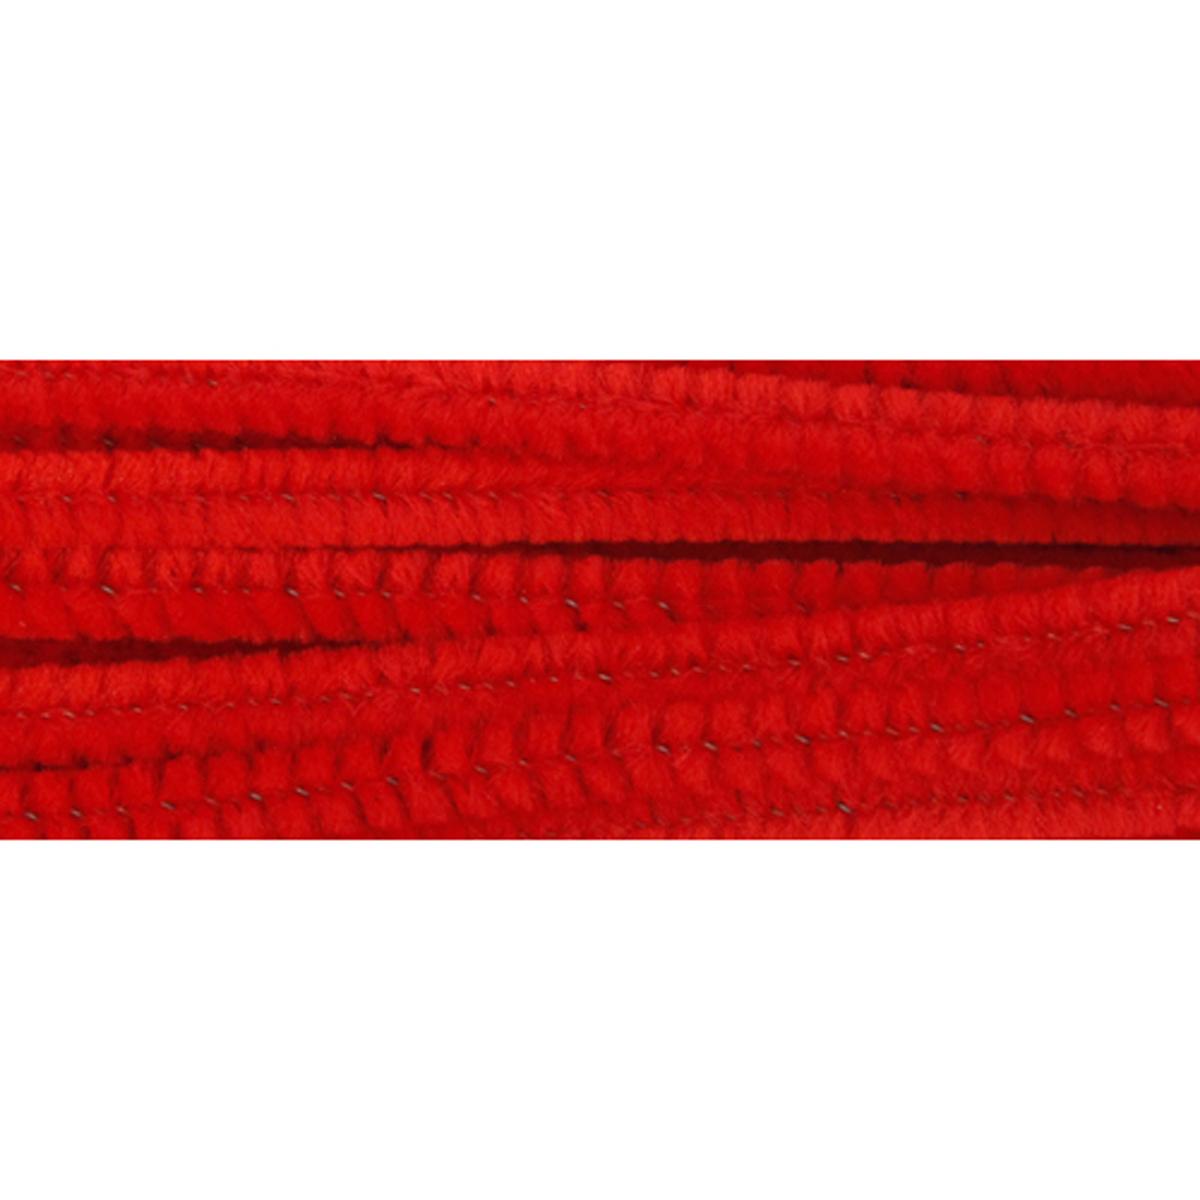 Синель-проволока Астра, цвет: красный, 6 мм х 30 см, 30 шт7708692_ A-005 красныйИз пушистой проволоки можно мастерить разные поделки - плоские и объемные. Такая проволока послужит практичным материалом в валянии и изготовлении игрушек.